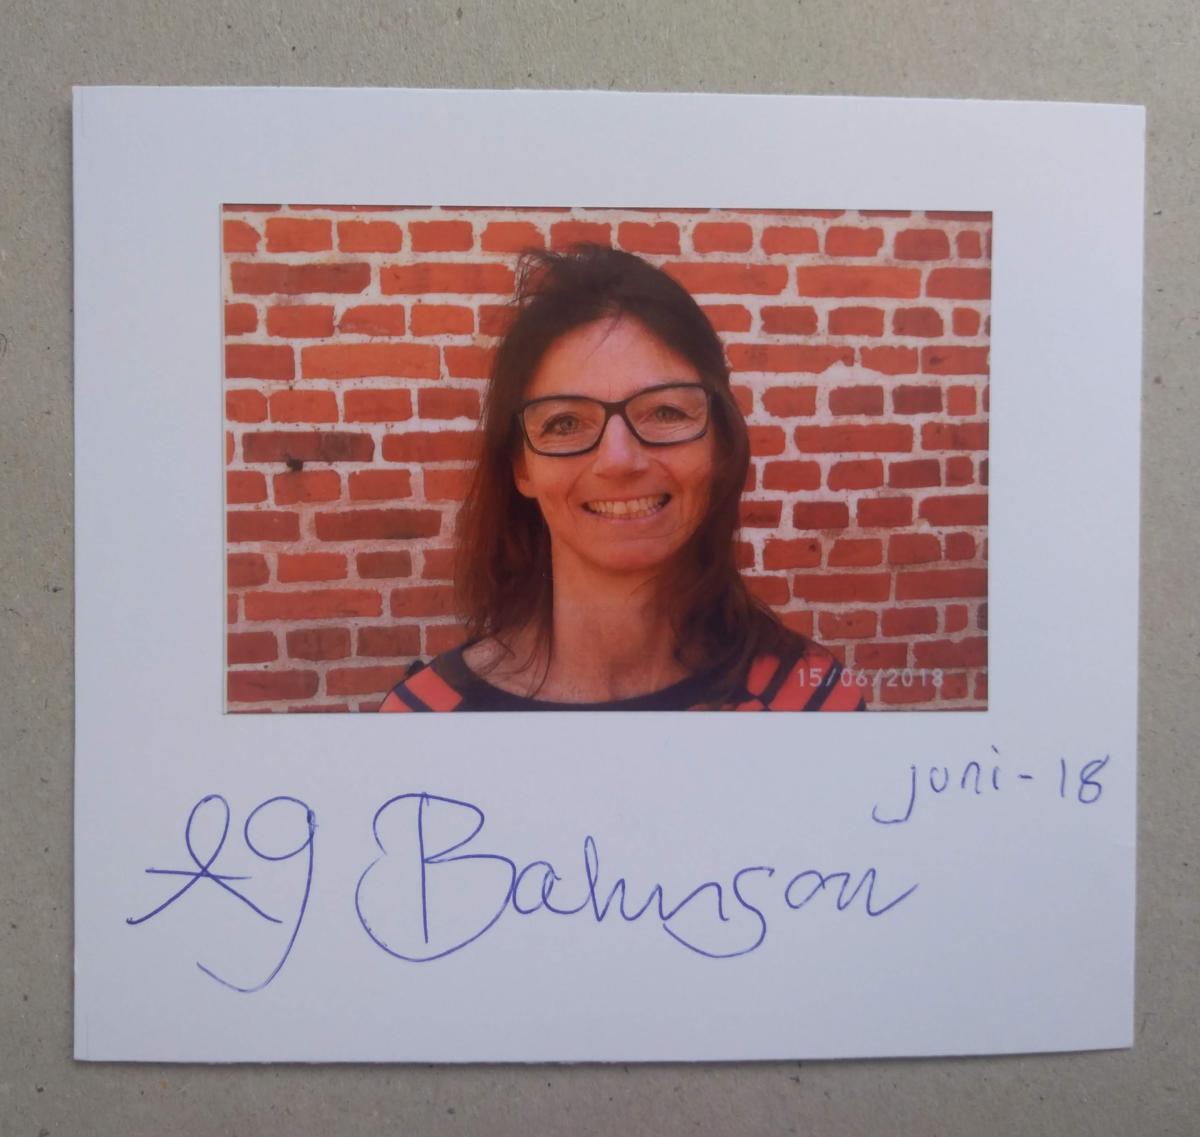 06-18 Annie Bahnson